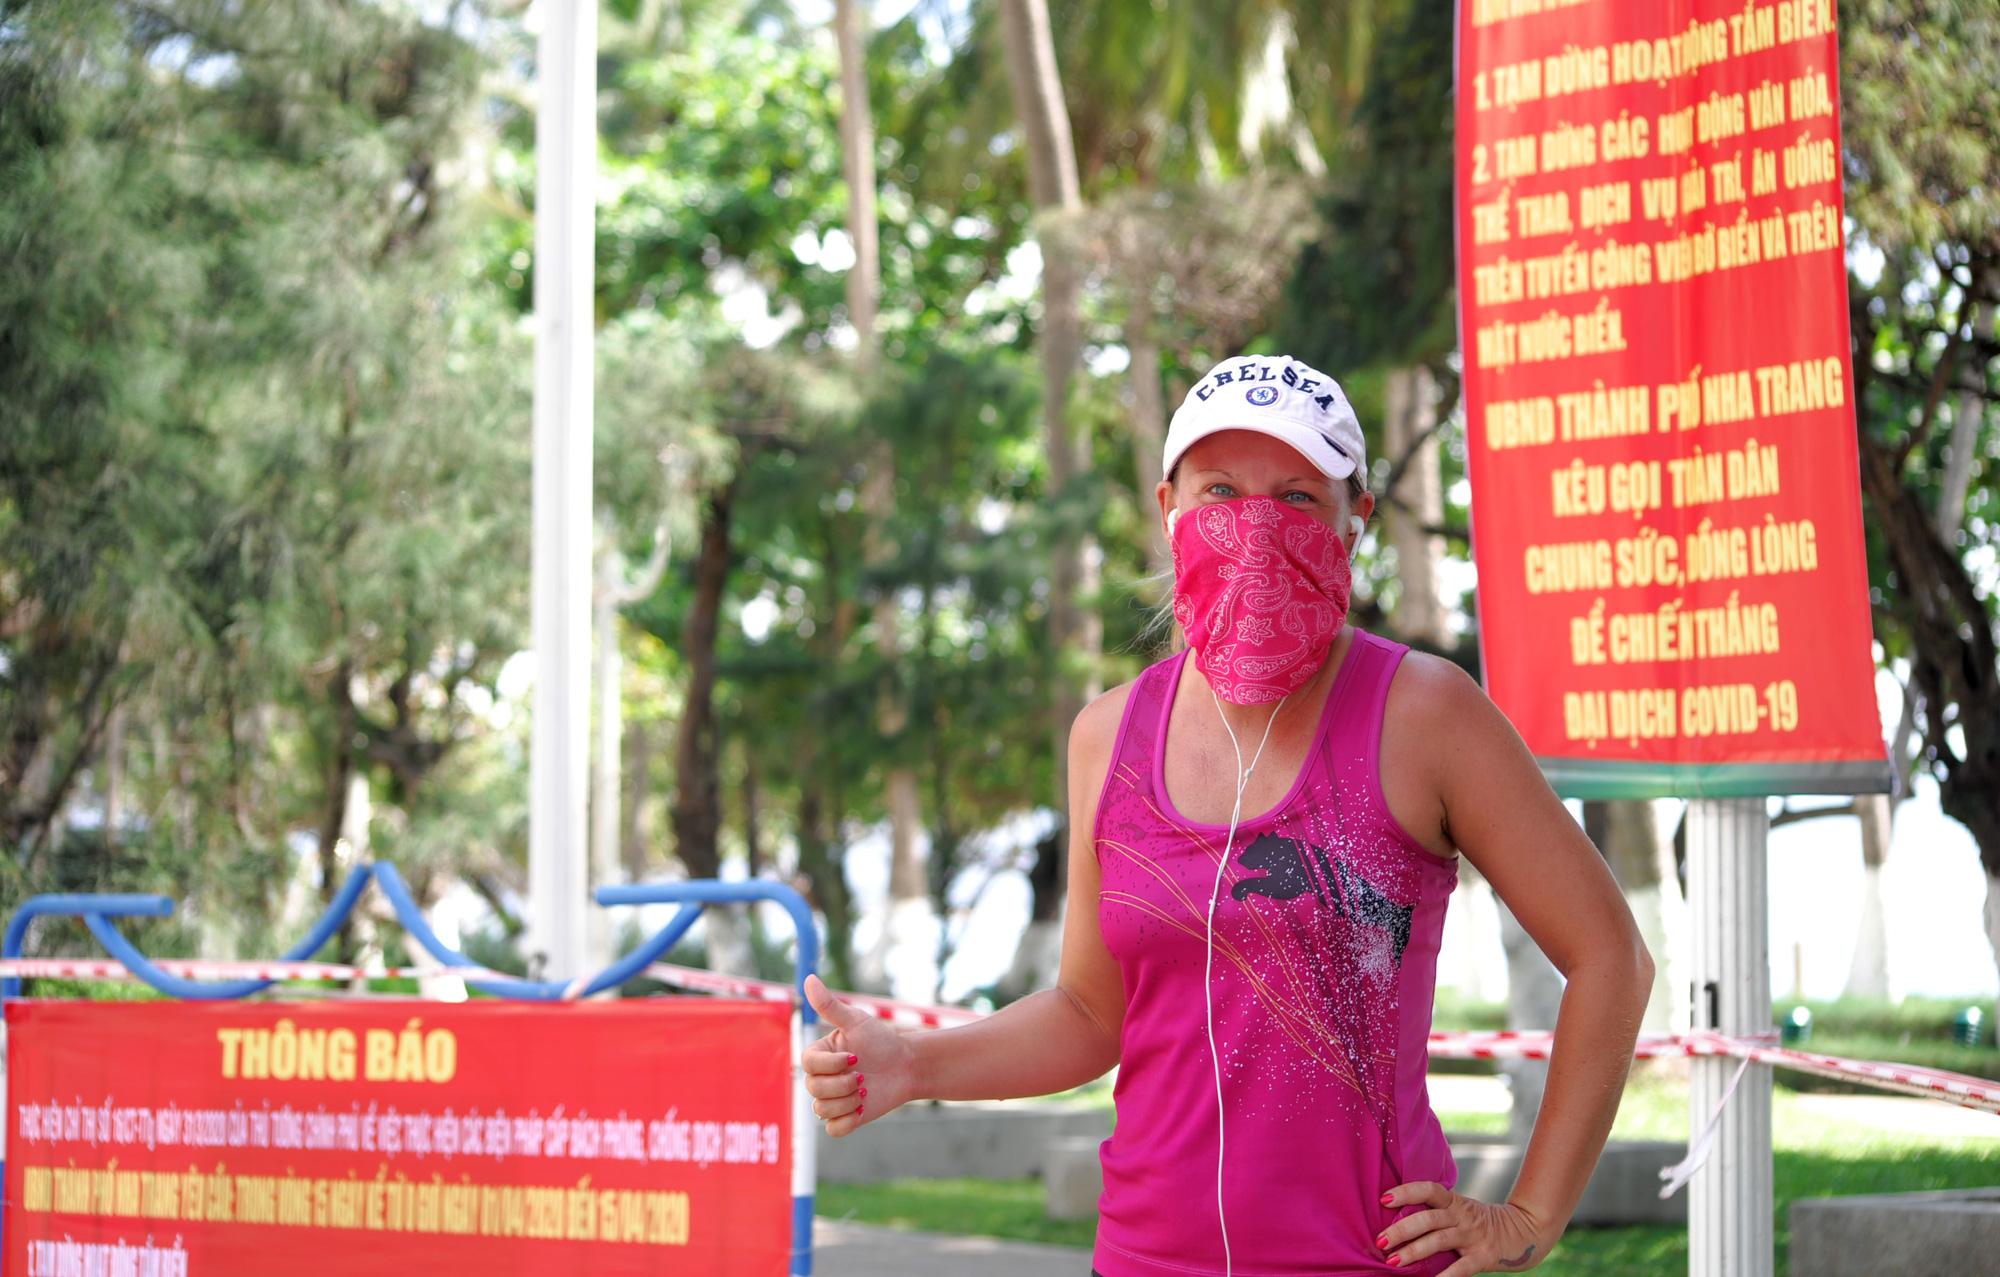 Du khách đeo khẩu trang tập luyện thể thao khi Nha Trang tạm ngừng tắm biển và đóng cửa các điểm vui chơi - Ảnh 12.